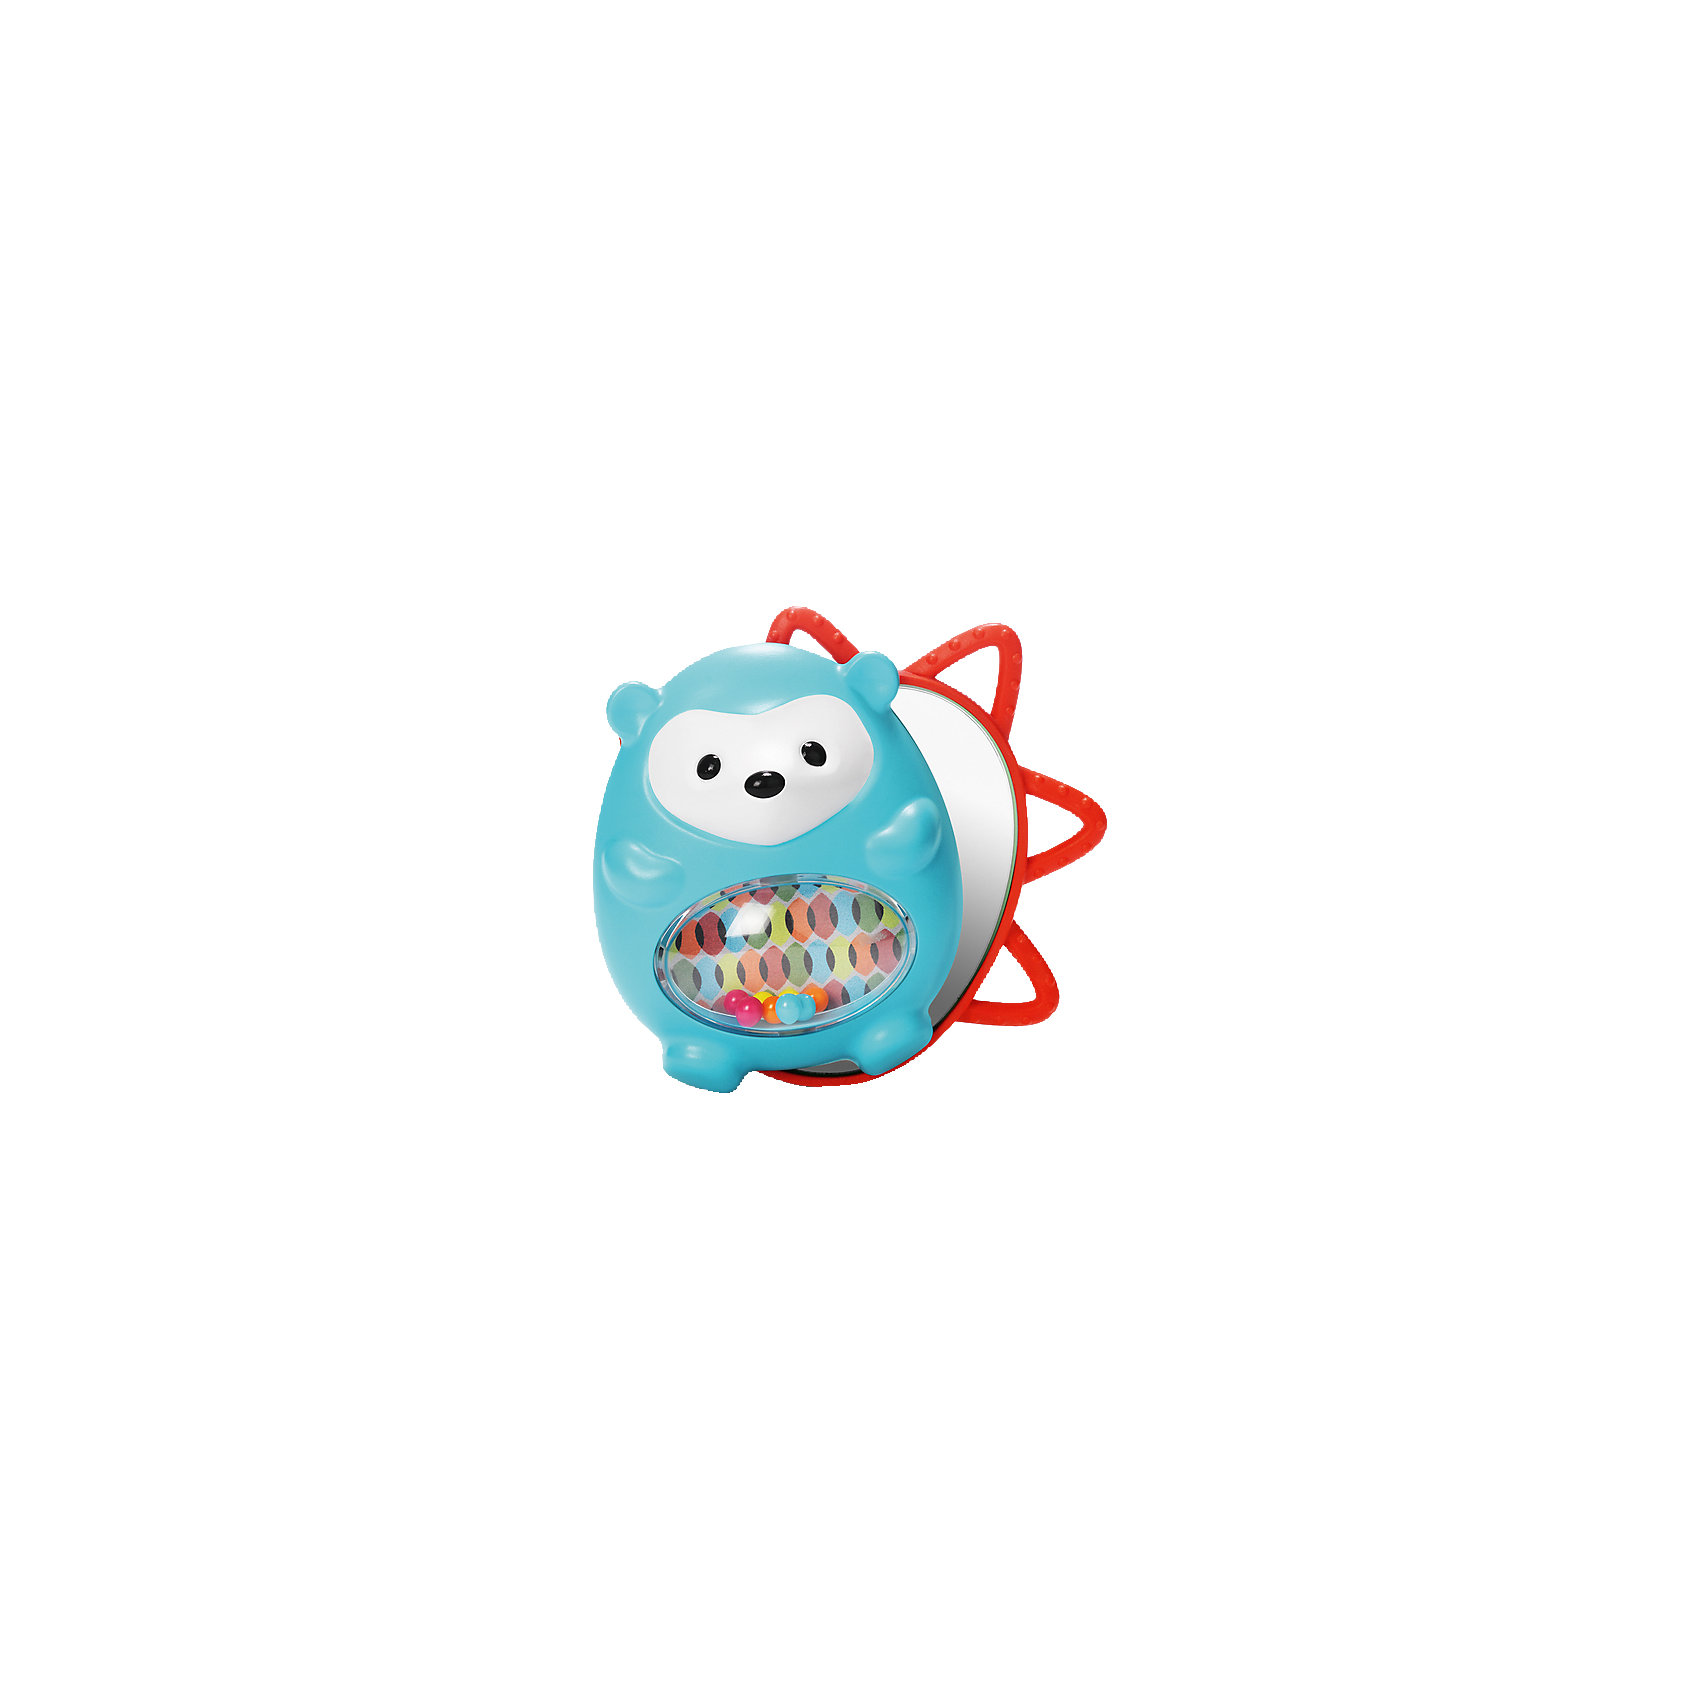 Развивающая игрушка Ежик с сюрпризом, Skip HopРазвивающие игрушки<br>Развивающая игрушка Ежик с сюрпризом, Skip Hop<br><br>Характеристики:<br><br>• В набор входит: игрушка<br>• Состав: пластик<br>• Размер: 12 * 7,5 * 11,5 см.<br>• Для детей в возрасте: от 6 месяцев<br>• Страна производитель: Китай<br><br>Игрушка изготовлена по современным технологиям и исключает добавление вредных для малышей компонентов. Две детали этого ёжика издают треск при повороте, а в центре скрыт сюрприз – безопасное зеркальце для малышей. Функциональная игрушка оснащена окошком с цветными шариками, а по краям расположены прорезиненые детали, которые помогут зубкам прорезаться. <br><br>Благодаря удобному размеру ёжика легко хватать ручками и с ним приятно играть даже маленьким. Игрушка сочетает в себе сразу несколько цветов, чтобы привлечь внимание малыша и научить его разным оттенкам. Играя с этой игрушкой малыш сможет развивать логическое мышление, звуковое, зрительное и тактильное восприятие, а также моторику рук. <br><br>Развивающую игрушку Ежик с сюрпризом, Skip Hop можно купить в нашем интернет-магазине.<br><br>Ширина мм: 198<br>Глубина мм: 147<br>Высота мм: 76<br>Вес г: 153<br>Цвет: mehrfarbig<br>Возраст от месяцев: 1<br>Возраст до месяцев: 36<br>Пол: Унисекс<br>Возраст: Детский<br>SKU: 4021565